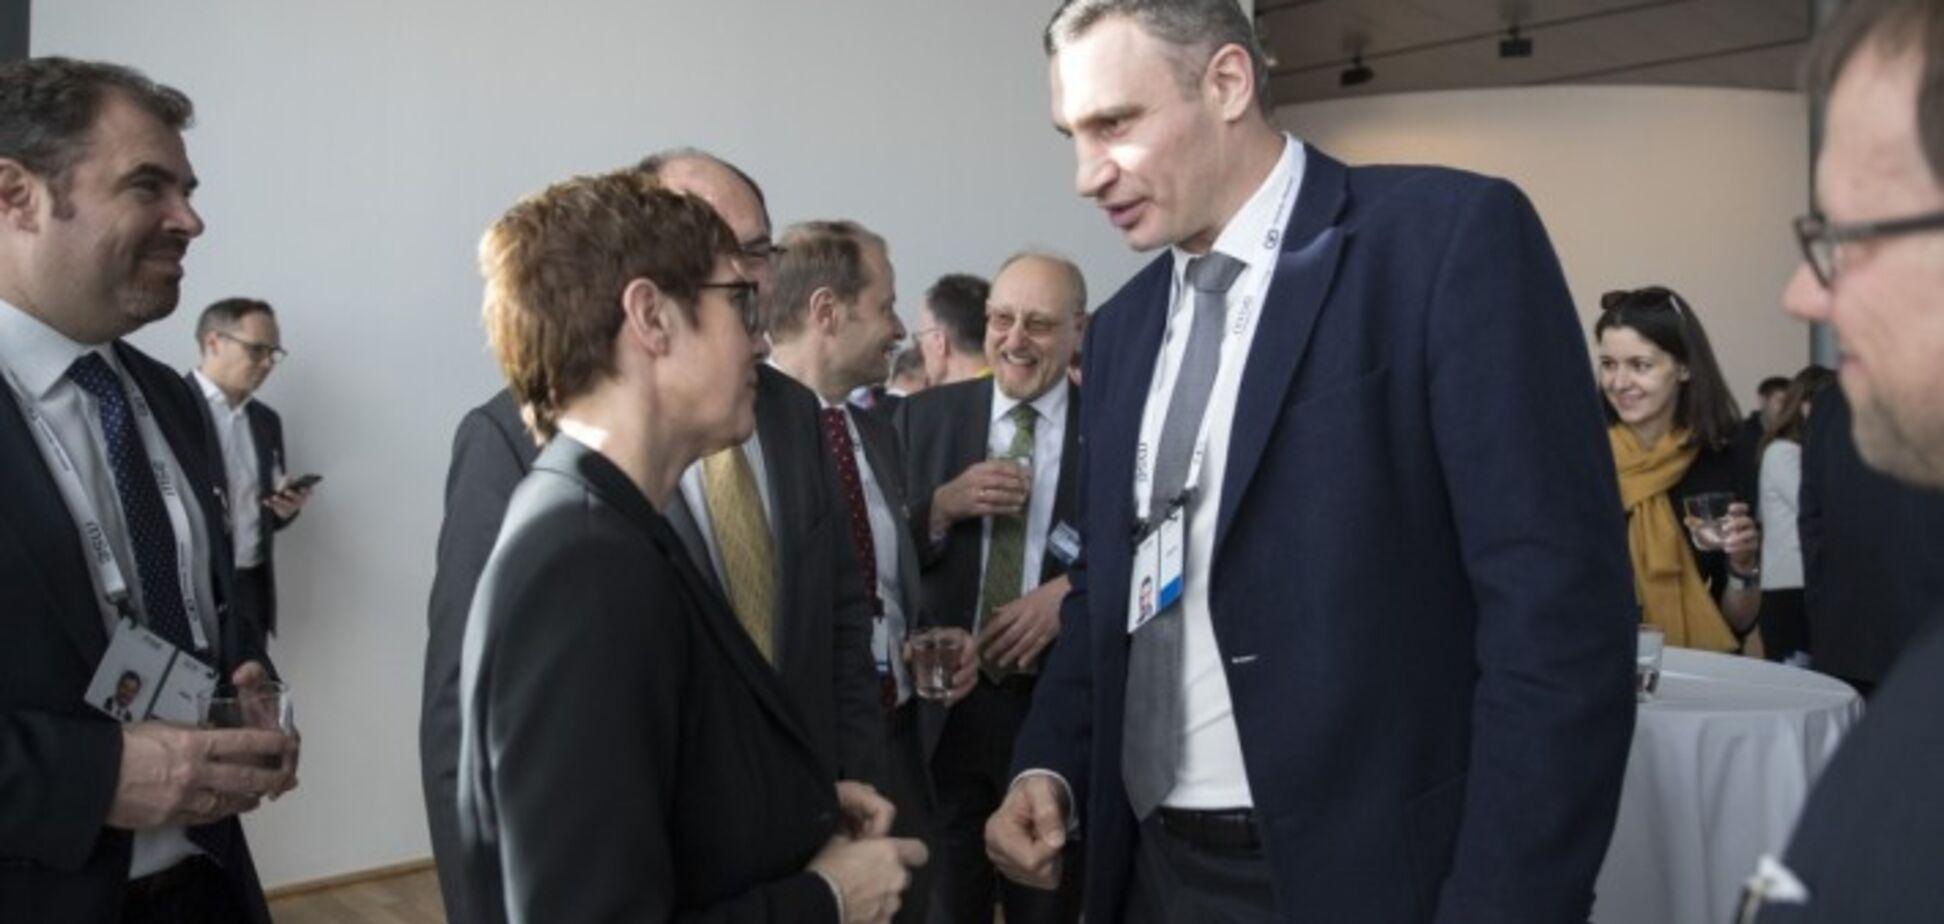 Кличко: перше питання, що лунає на зустрічах в Мюнхені - яким буде фінал президентських виборів в Україні